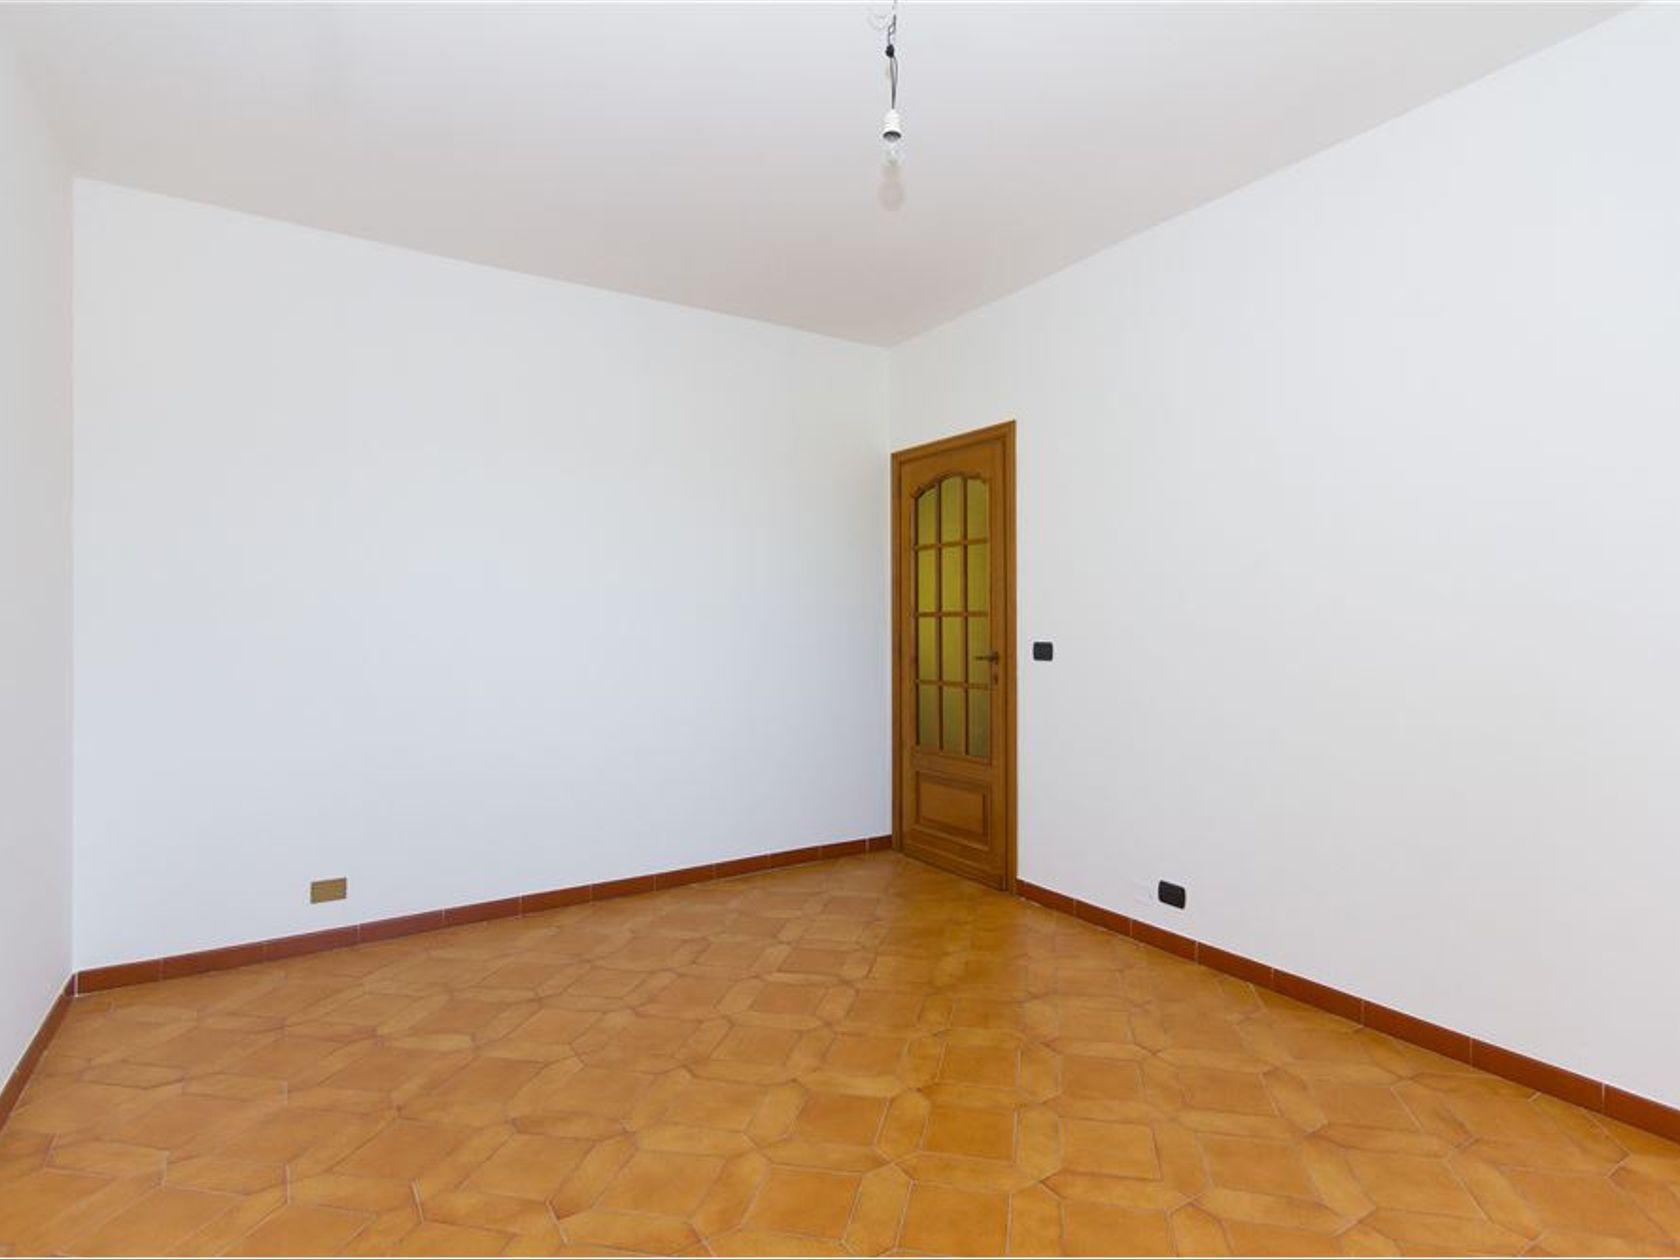 Appartamento Rosta, TO Vendita - Foto 21